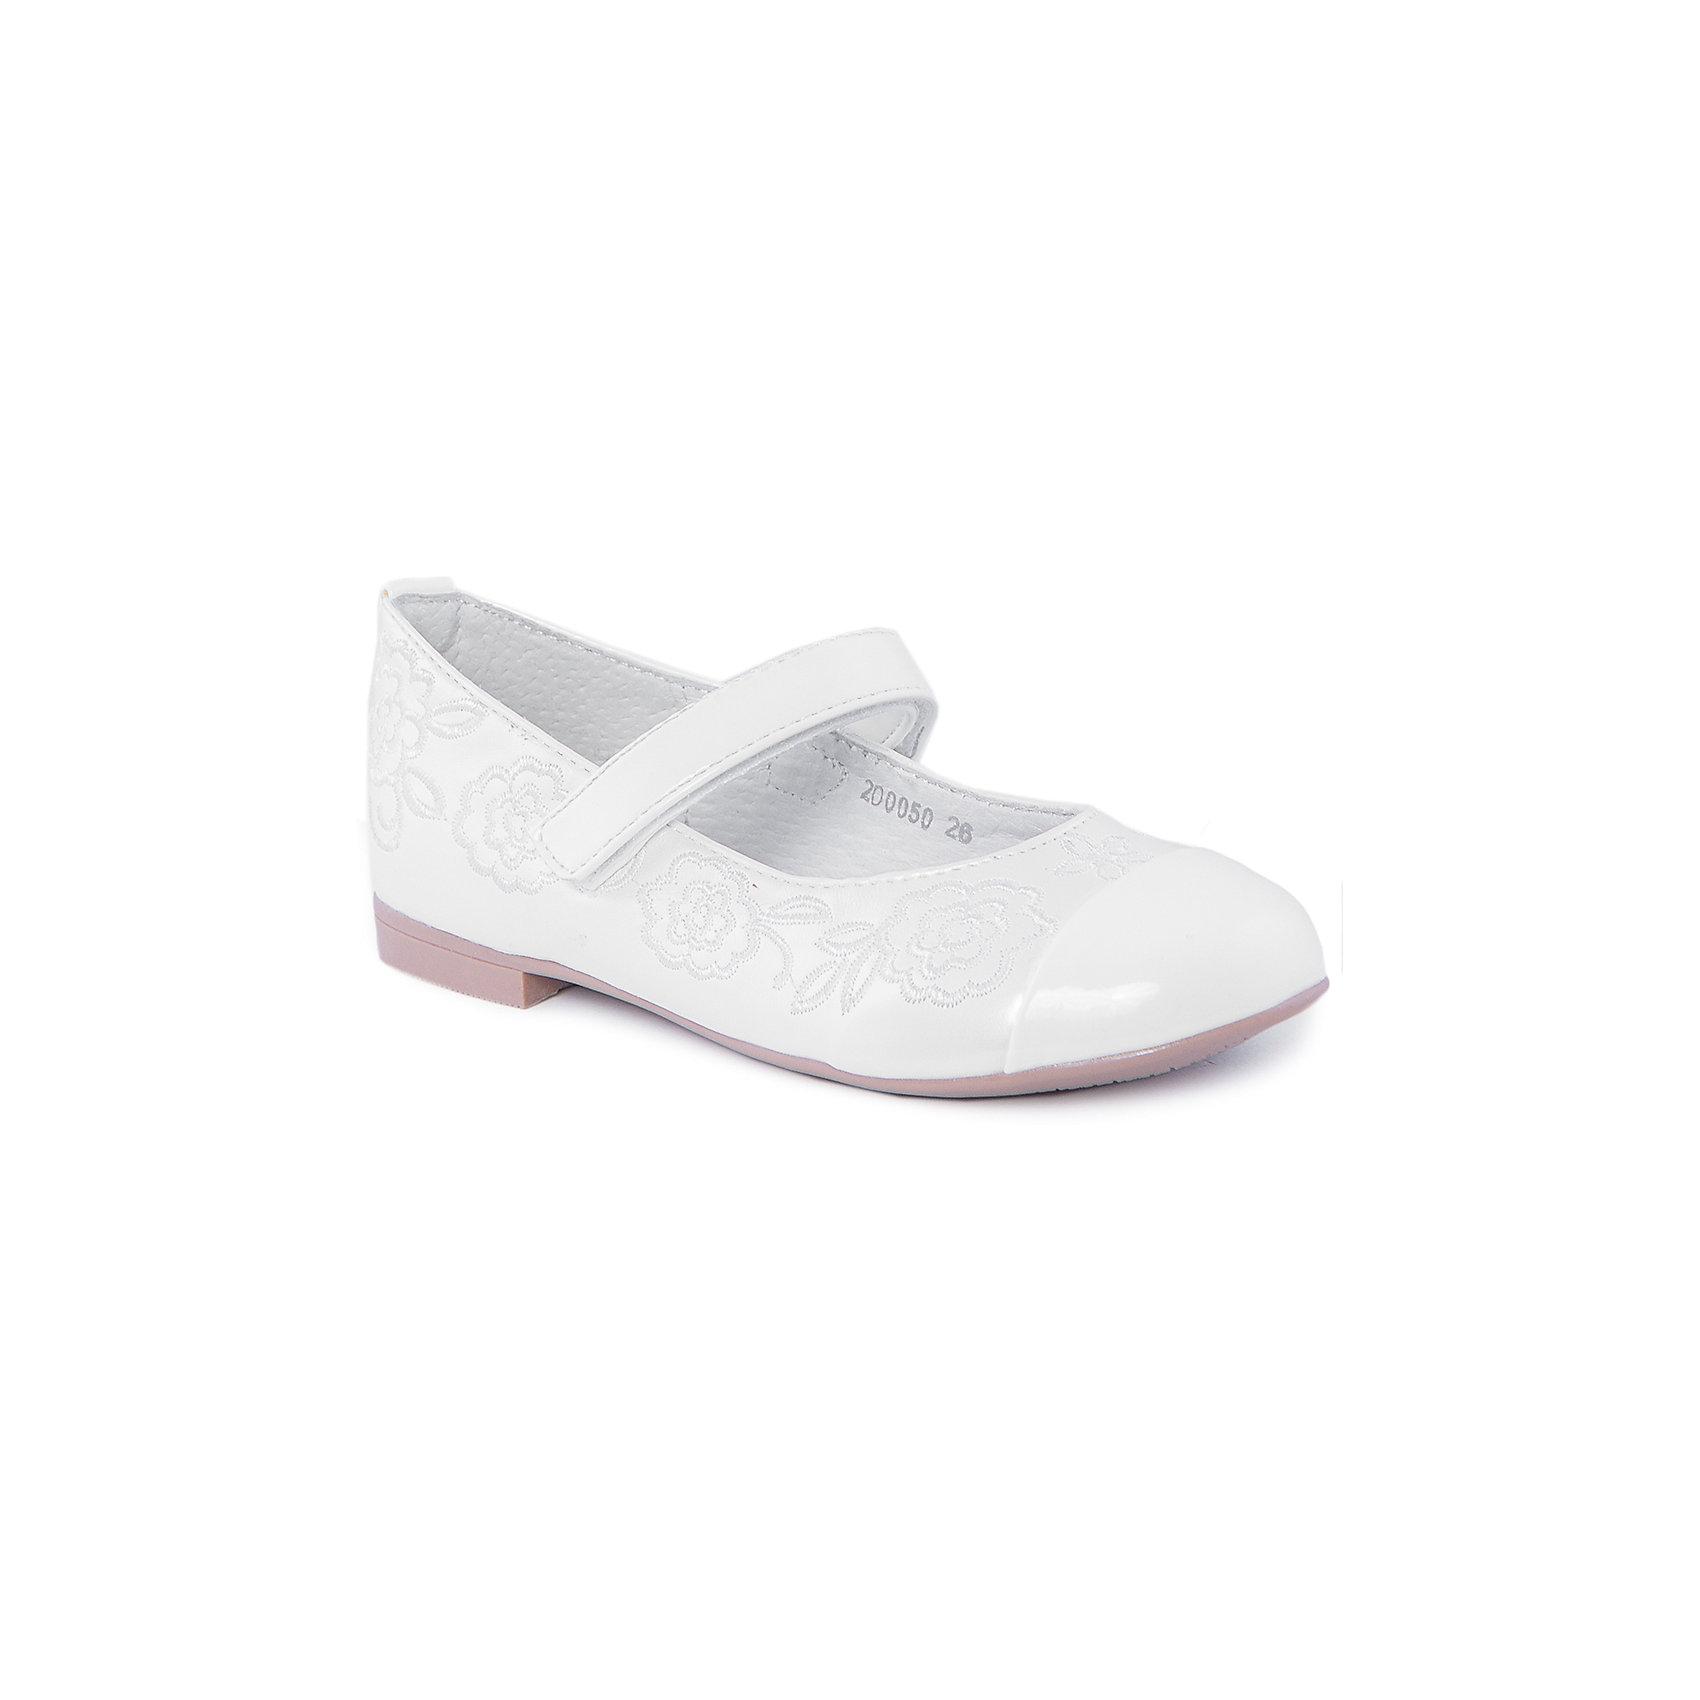 Туфли для девочки MURSUТуфли для девочки от известного бренда MURSU обязательно понравятся всем юным модницам. Белые  туфельки декорированы изящной вышивкой, застегиваются на липучку. Модель имеет небольшой каблук, стелька и подкладка выполнены из натуральной кожи, что обеспечивает гигиеничность и комфорт. <br><br>Дополнительная информация:<br><br>- Цвет: белый.<br>- Тип застежки: липучка.<br>- Декоративные элементы: вышивка.<br><br>Состав:<br><br>- Материал верха: искусственная кожа.<br>- Материал подкладки: натуральная кожа.<br>- Материал подошвы: TEP.<br>- Материал стельки: натуральная кожа.<br><br>Туфли для девочки MURSU (Мурсу), можно купить в нашем магазине.<br><br>Ширина мм: 227<br>Глубина мм: 145<br>Высота мм: 124<br>Вес г: 325<br>Цвет: белый<br>Возраст от месяцев: 36<br>Возраст до месяцев: 48<br>Пол: Женский<br>Возраст: Детский<br>Размер: 27,31,30,28,26,29<br>SKU: 4213370